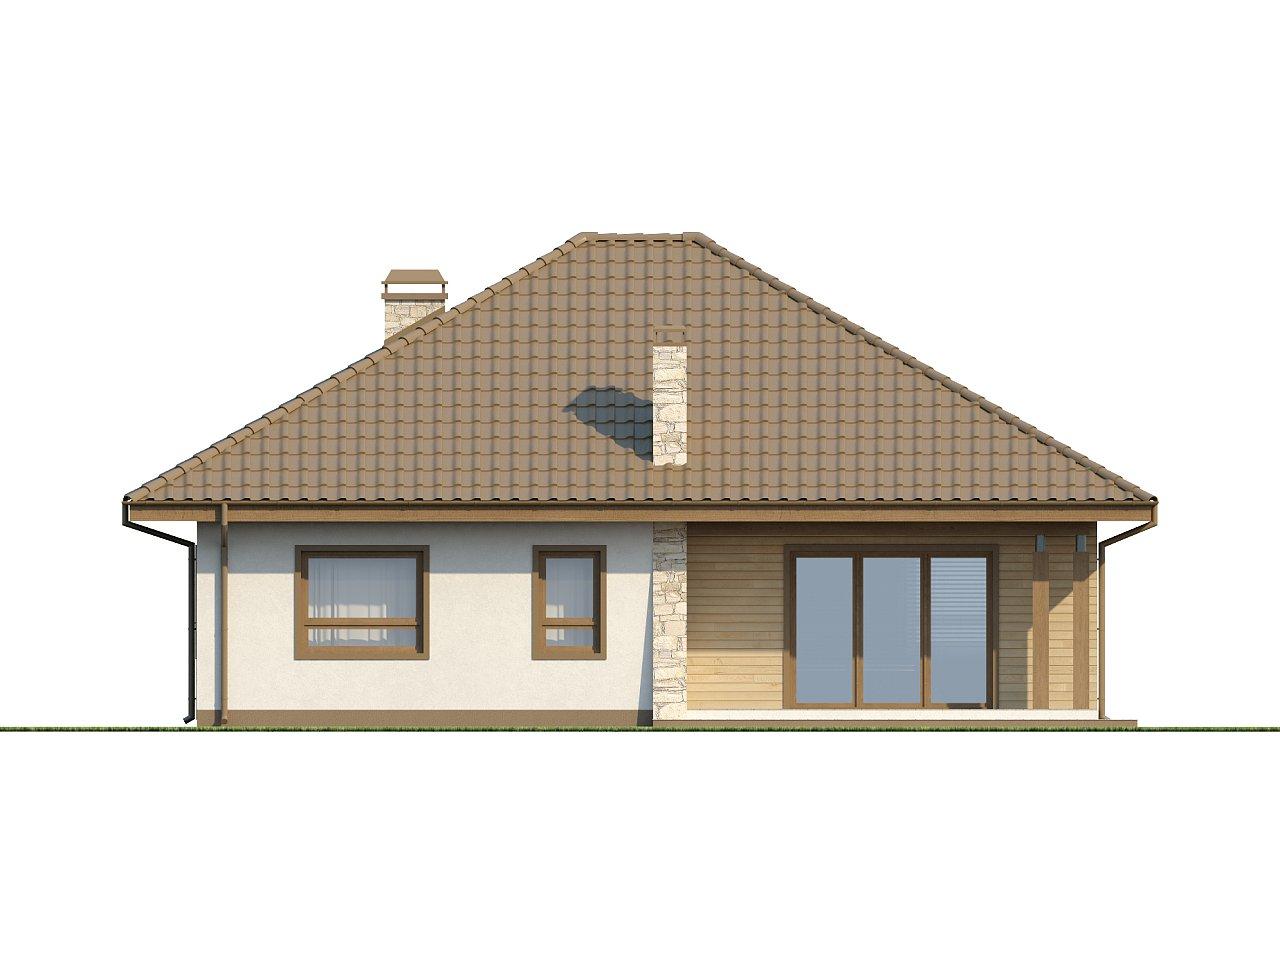 Практичный одноэтажный дом с большим гаражом, просторной гостиной и двумя спальнями. 14